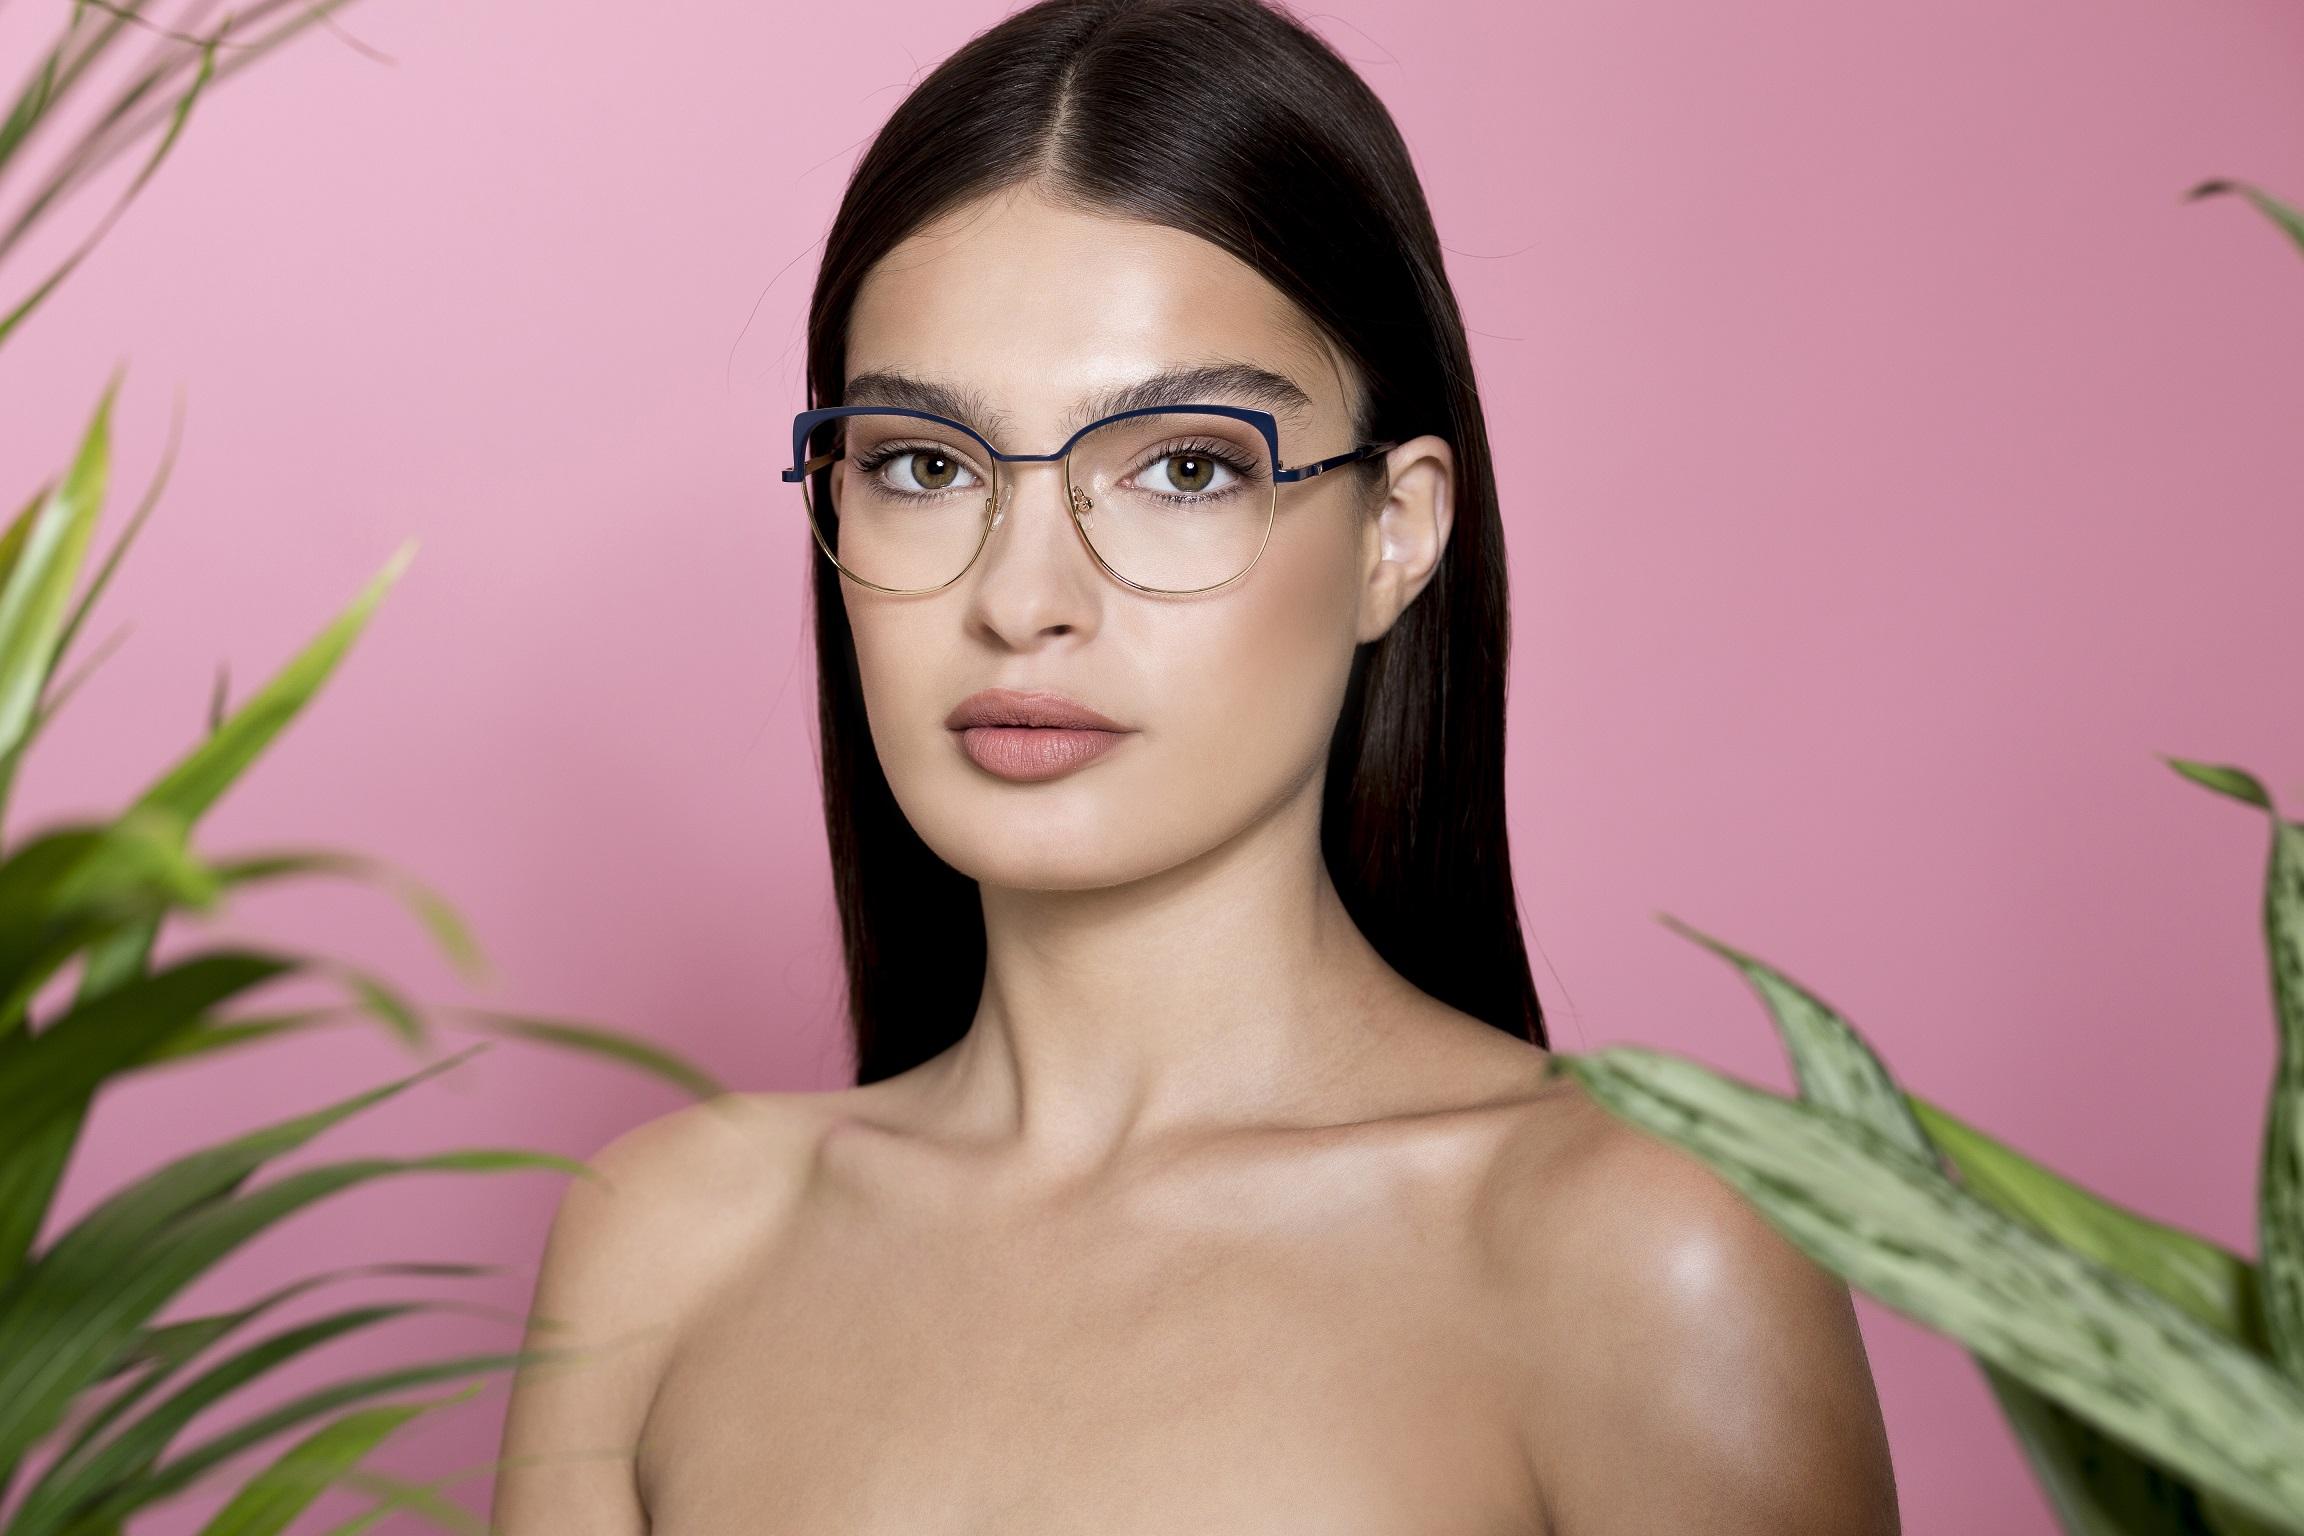 משקפי פרינס מסגרת למשקפי ראייה 650שח צילום דנה קרן